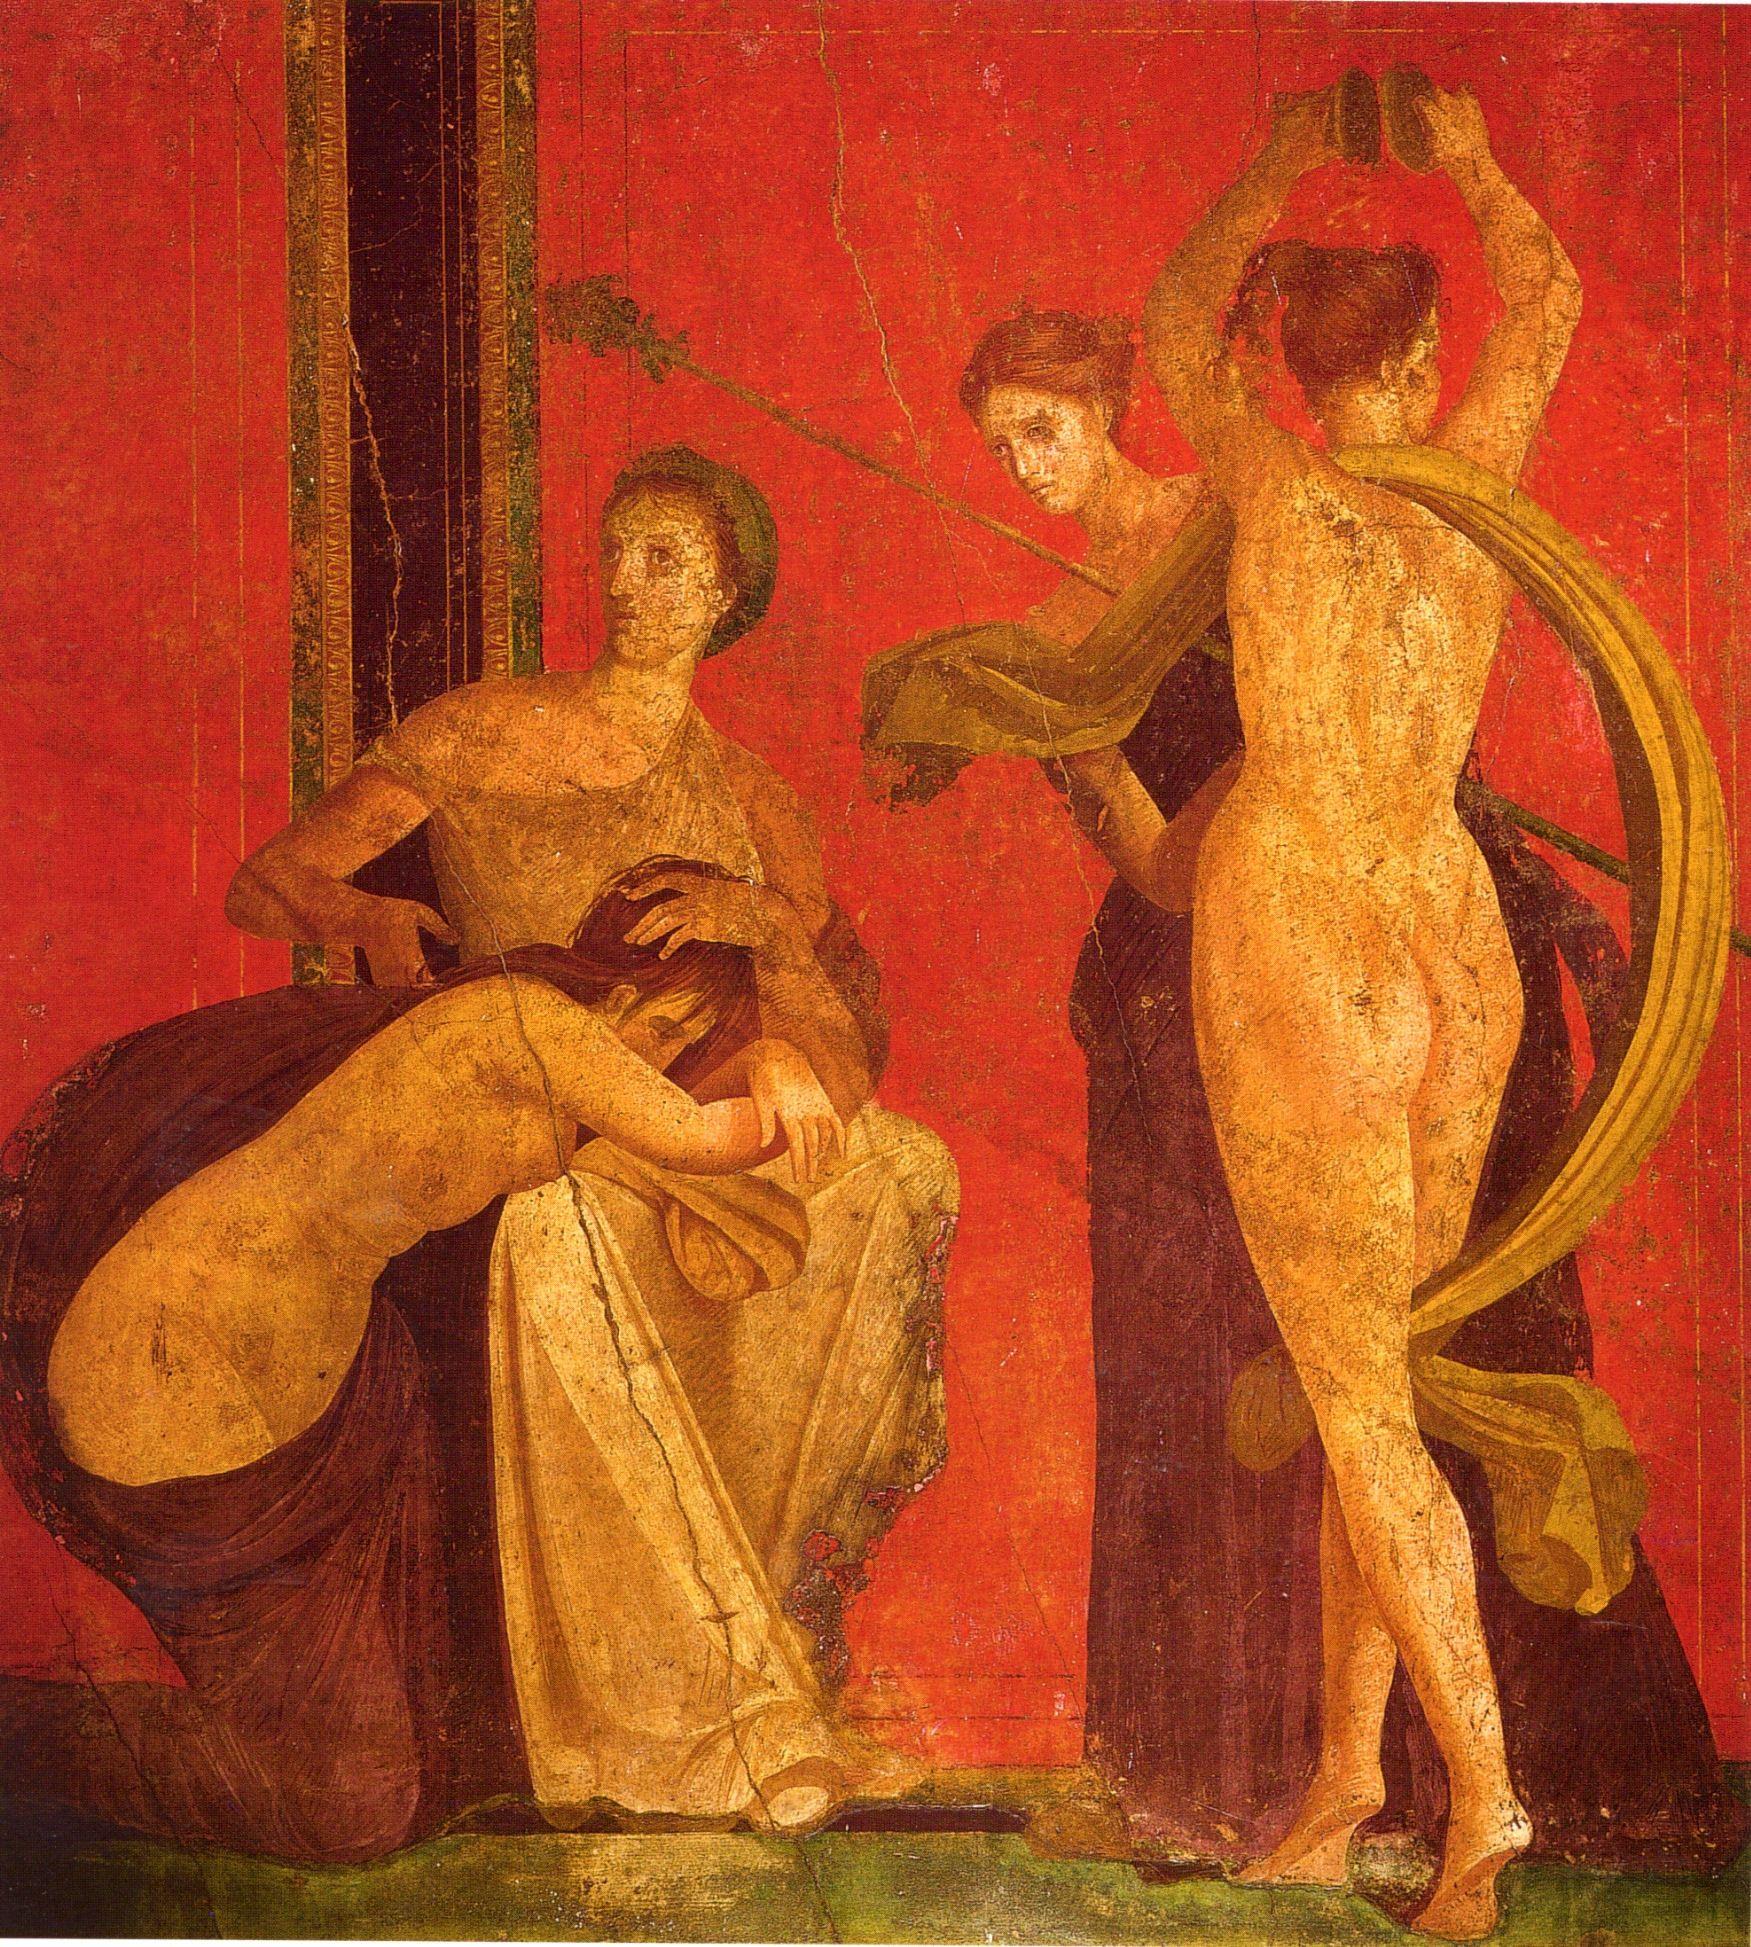 Villa Dei Misteri Scena Della Flagellazione E Termine Del Rito Sala Del Grande Dipinto Pompei Italy Canvas Art Pompeii Roman Art